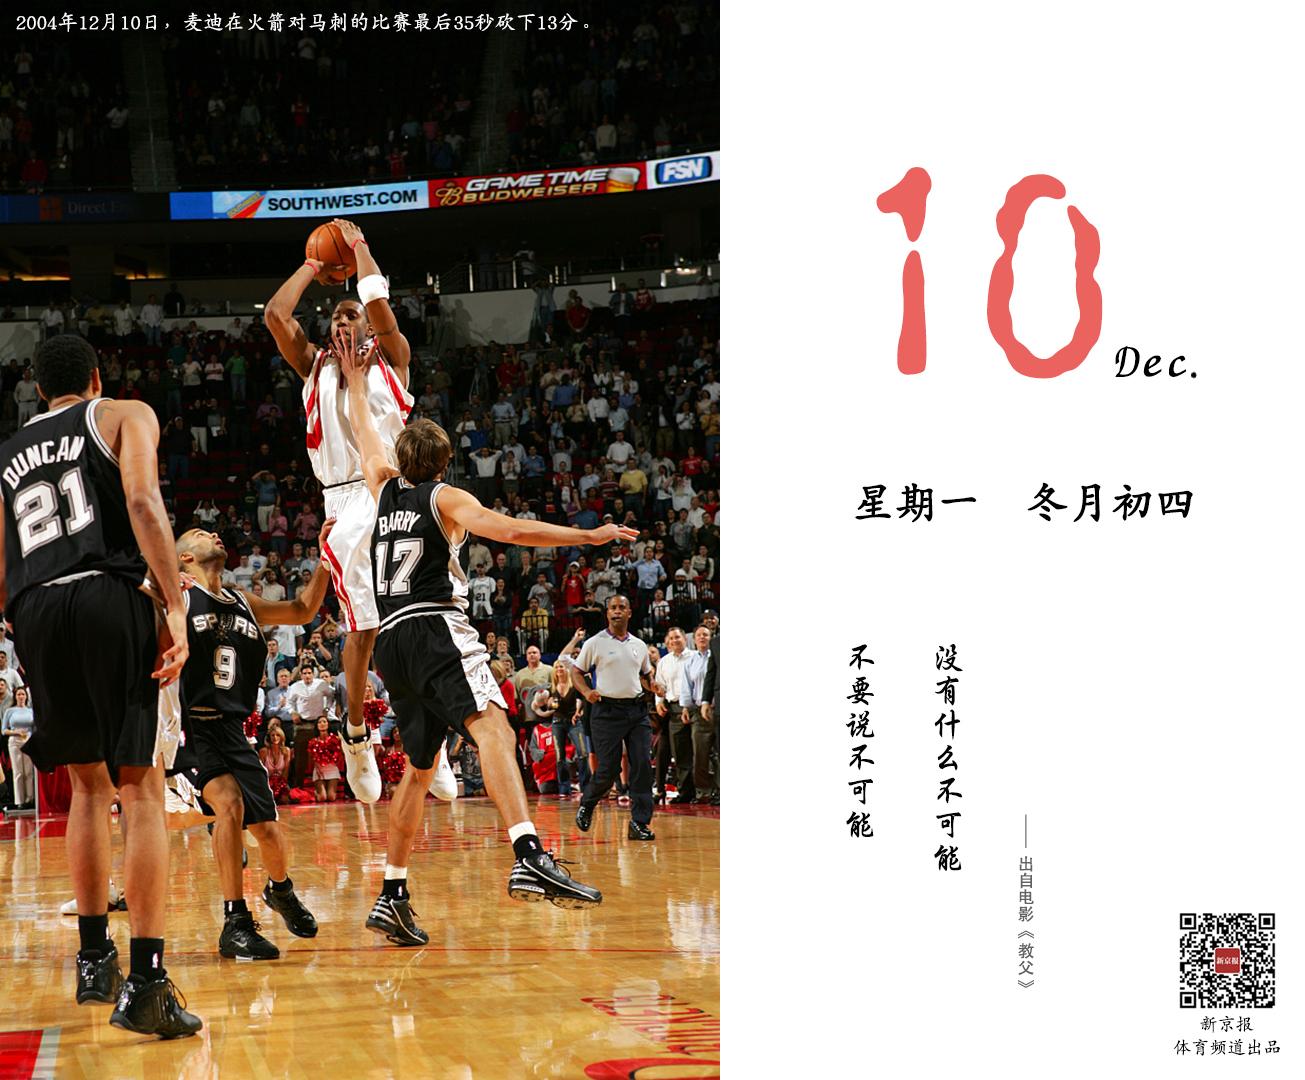 http://www.qwican.com/tiyujiankang/484734.html